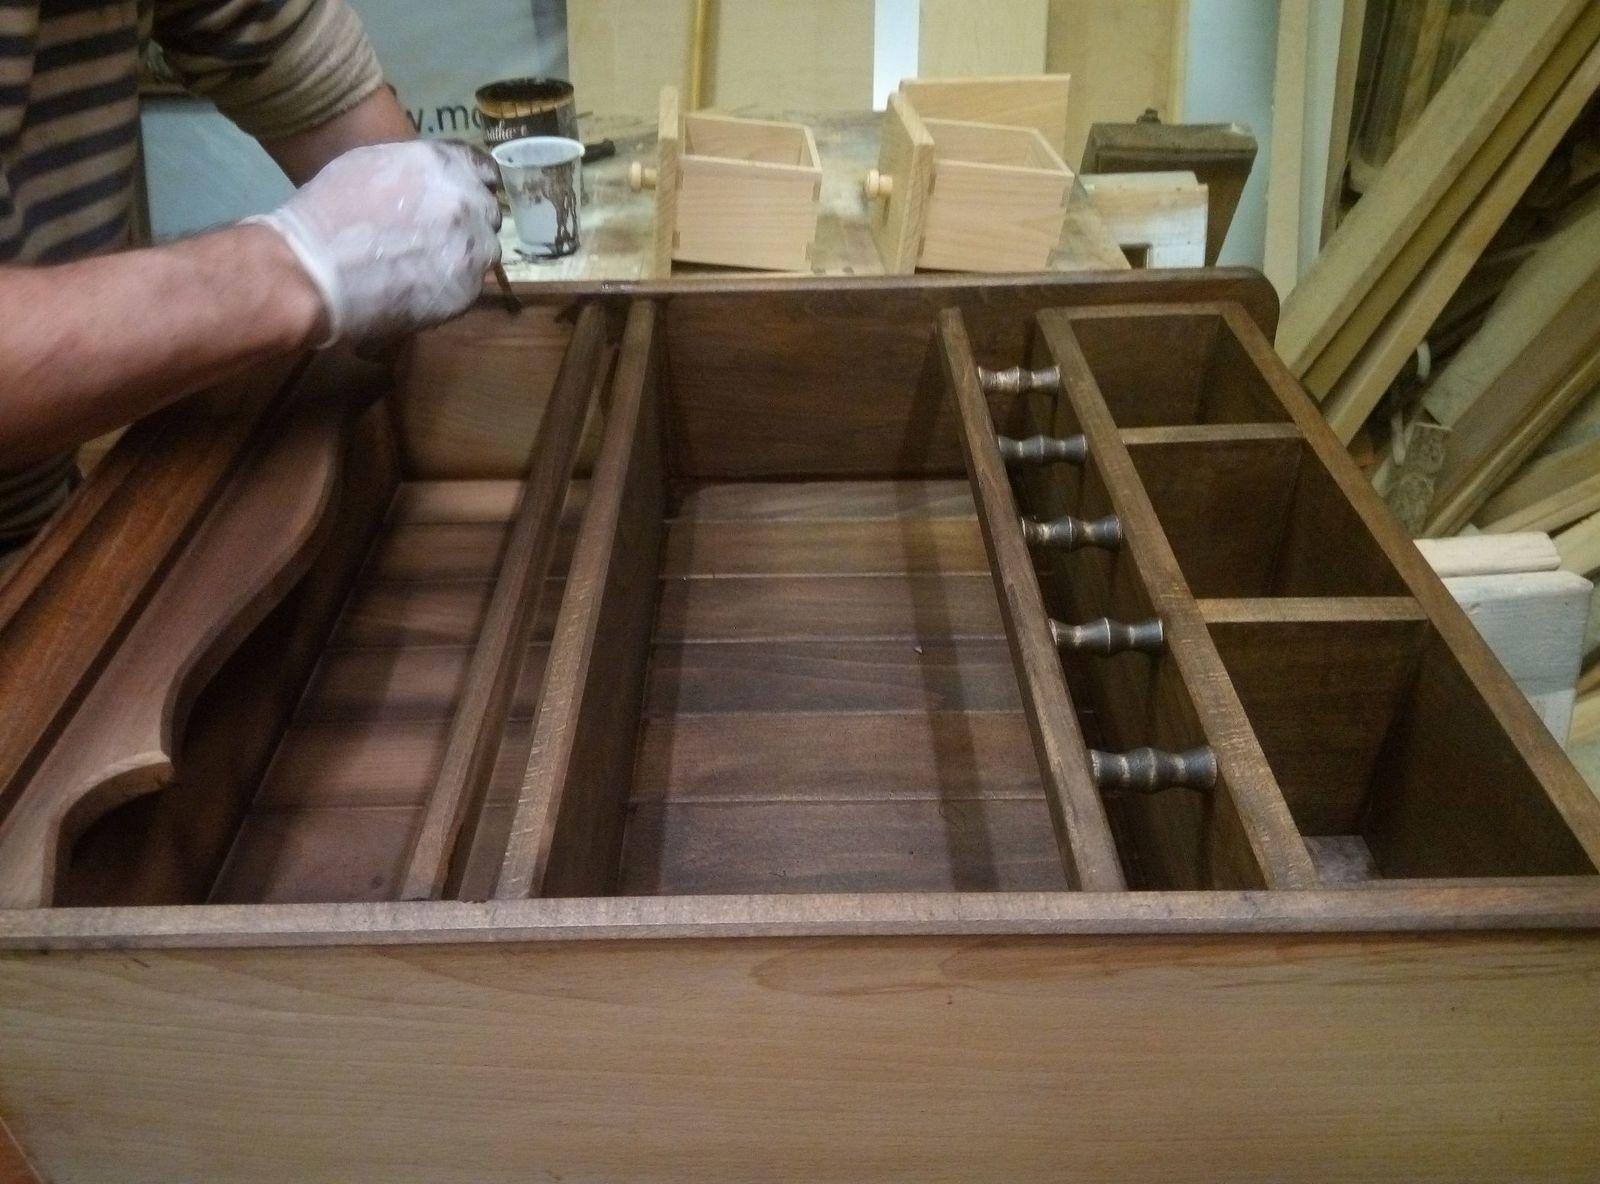 Кухонная полка своими руками старой, руками, можно, собраны, морилкой, чтобы, стенки, сделано, сделаны, собирать, рисунок, полки, варианте, деталей, проще, Можно, полку, собирается, будет, конфирматы